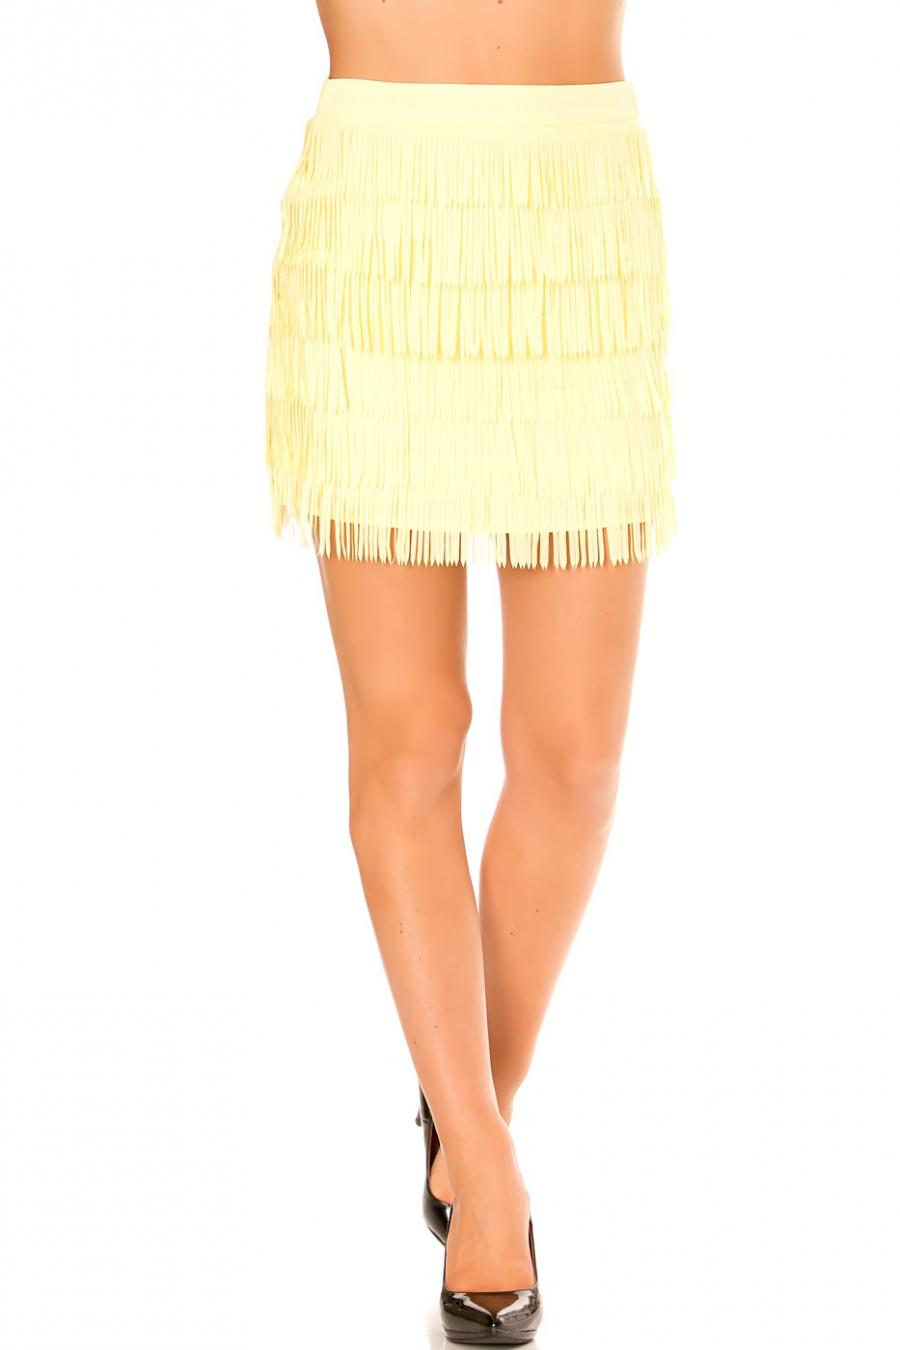 Mini Jupe jaune à frange très fashion idéal pour l'été. Mode femme pas cher. 7785